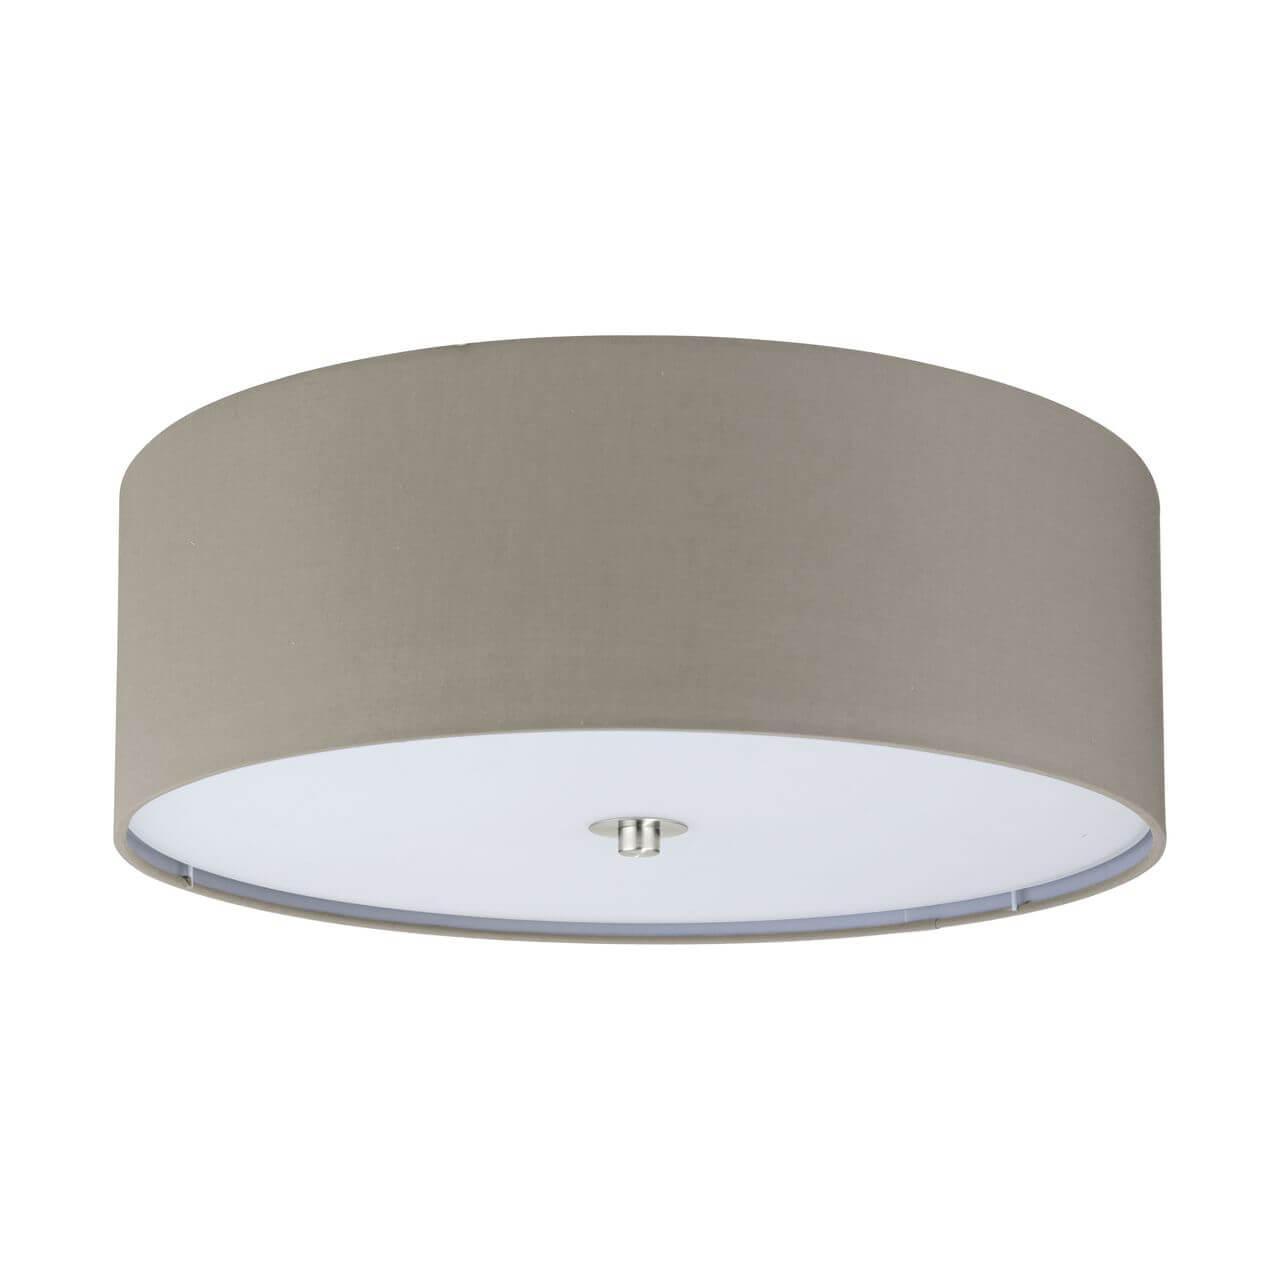 Настенно-потолочный светильник Eglo 94919, E27, 60 Вт потолочный светильник eglo pasteri 94919